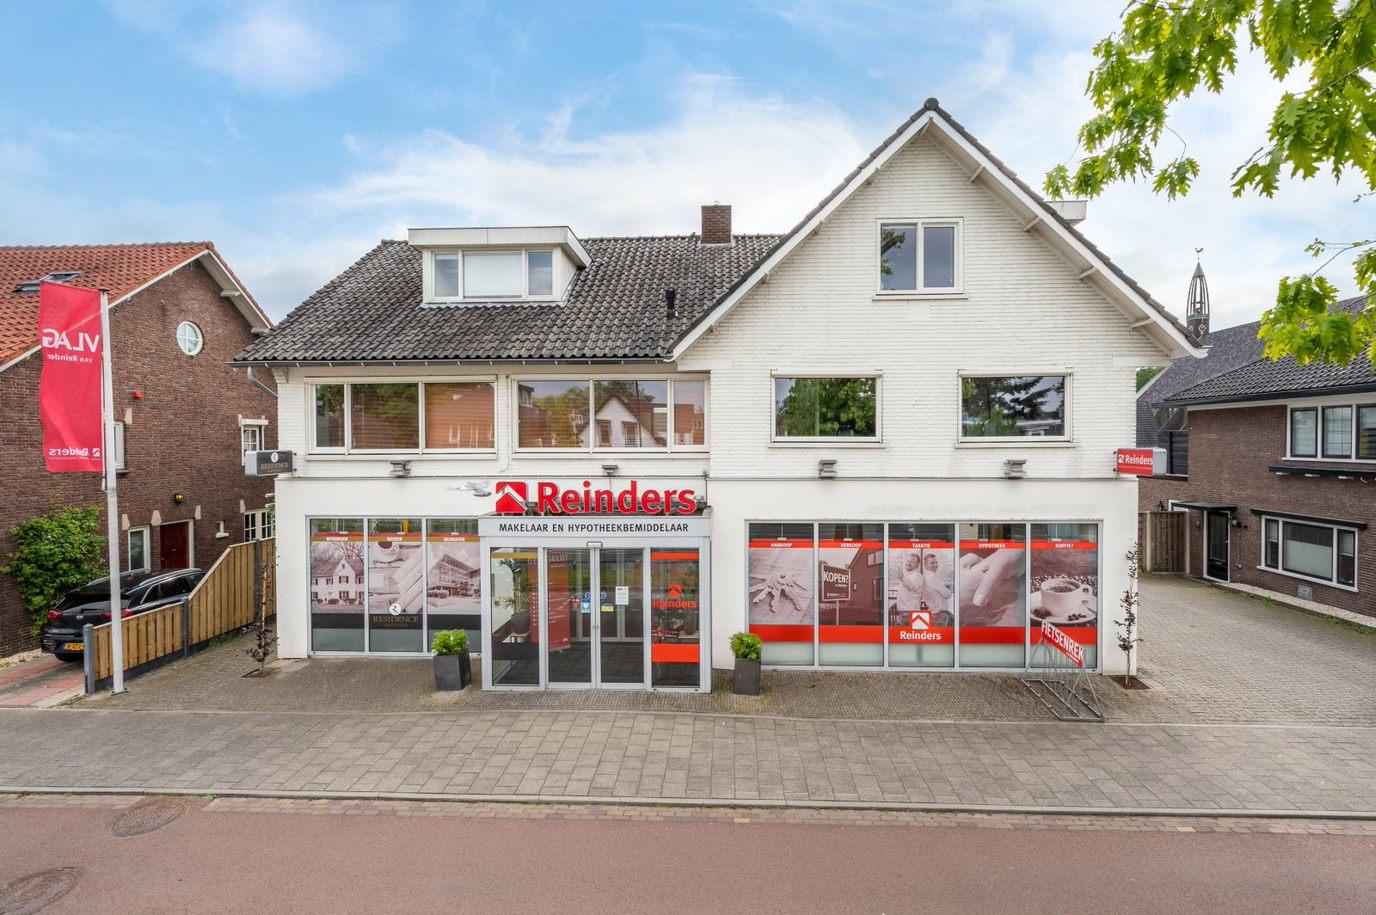 Kantoor Vestiging Reinders Huizen en Hypotheken